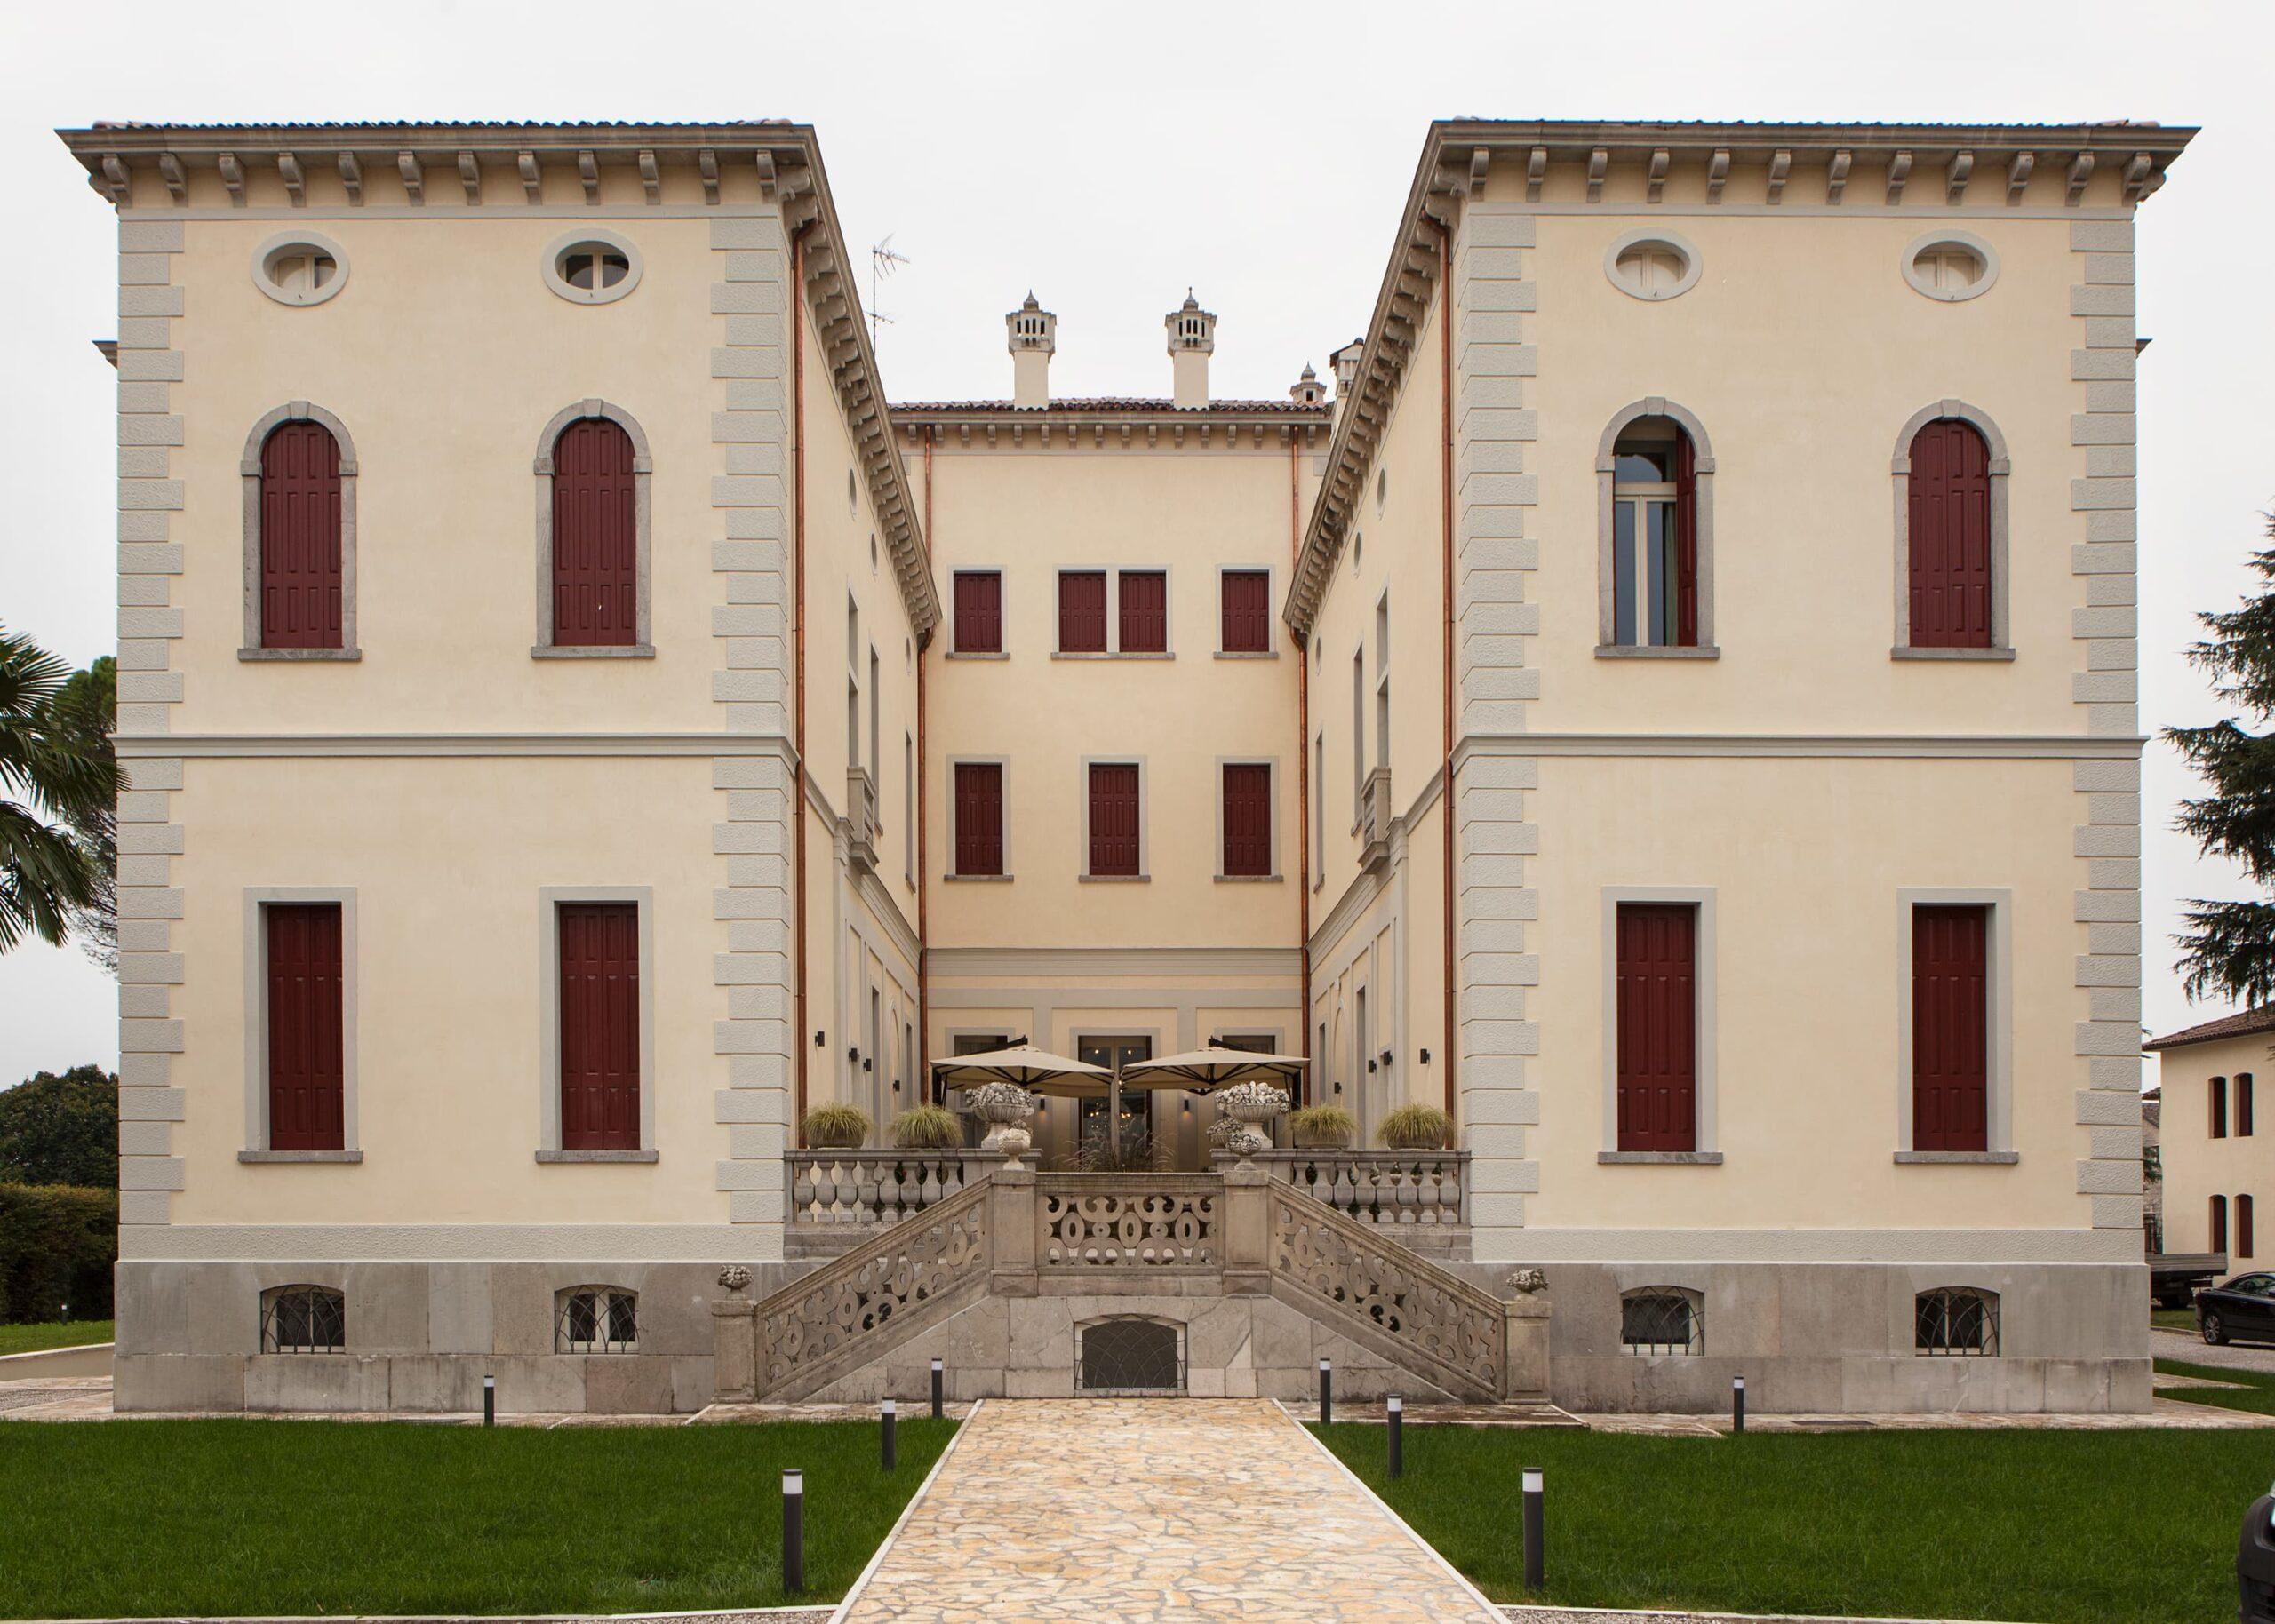 https://www.gd-dorigo.com/wp-content/uploads/2020/12/veneto-una-regione-ricca-di-tesori-gd-dorigo-2-1280x914.jpg